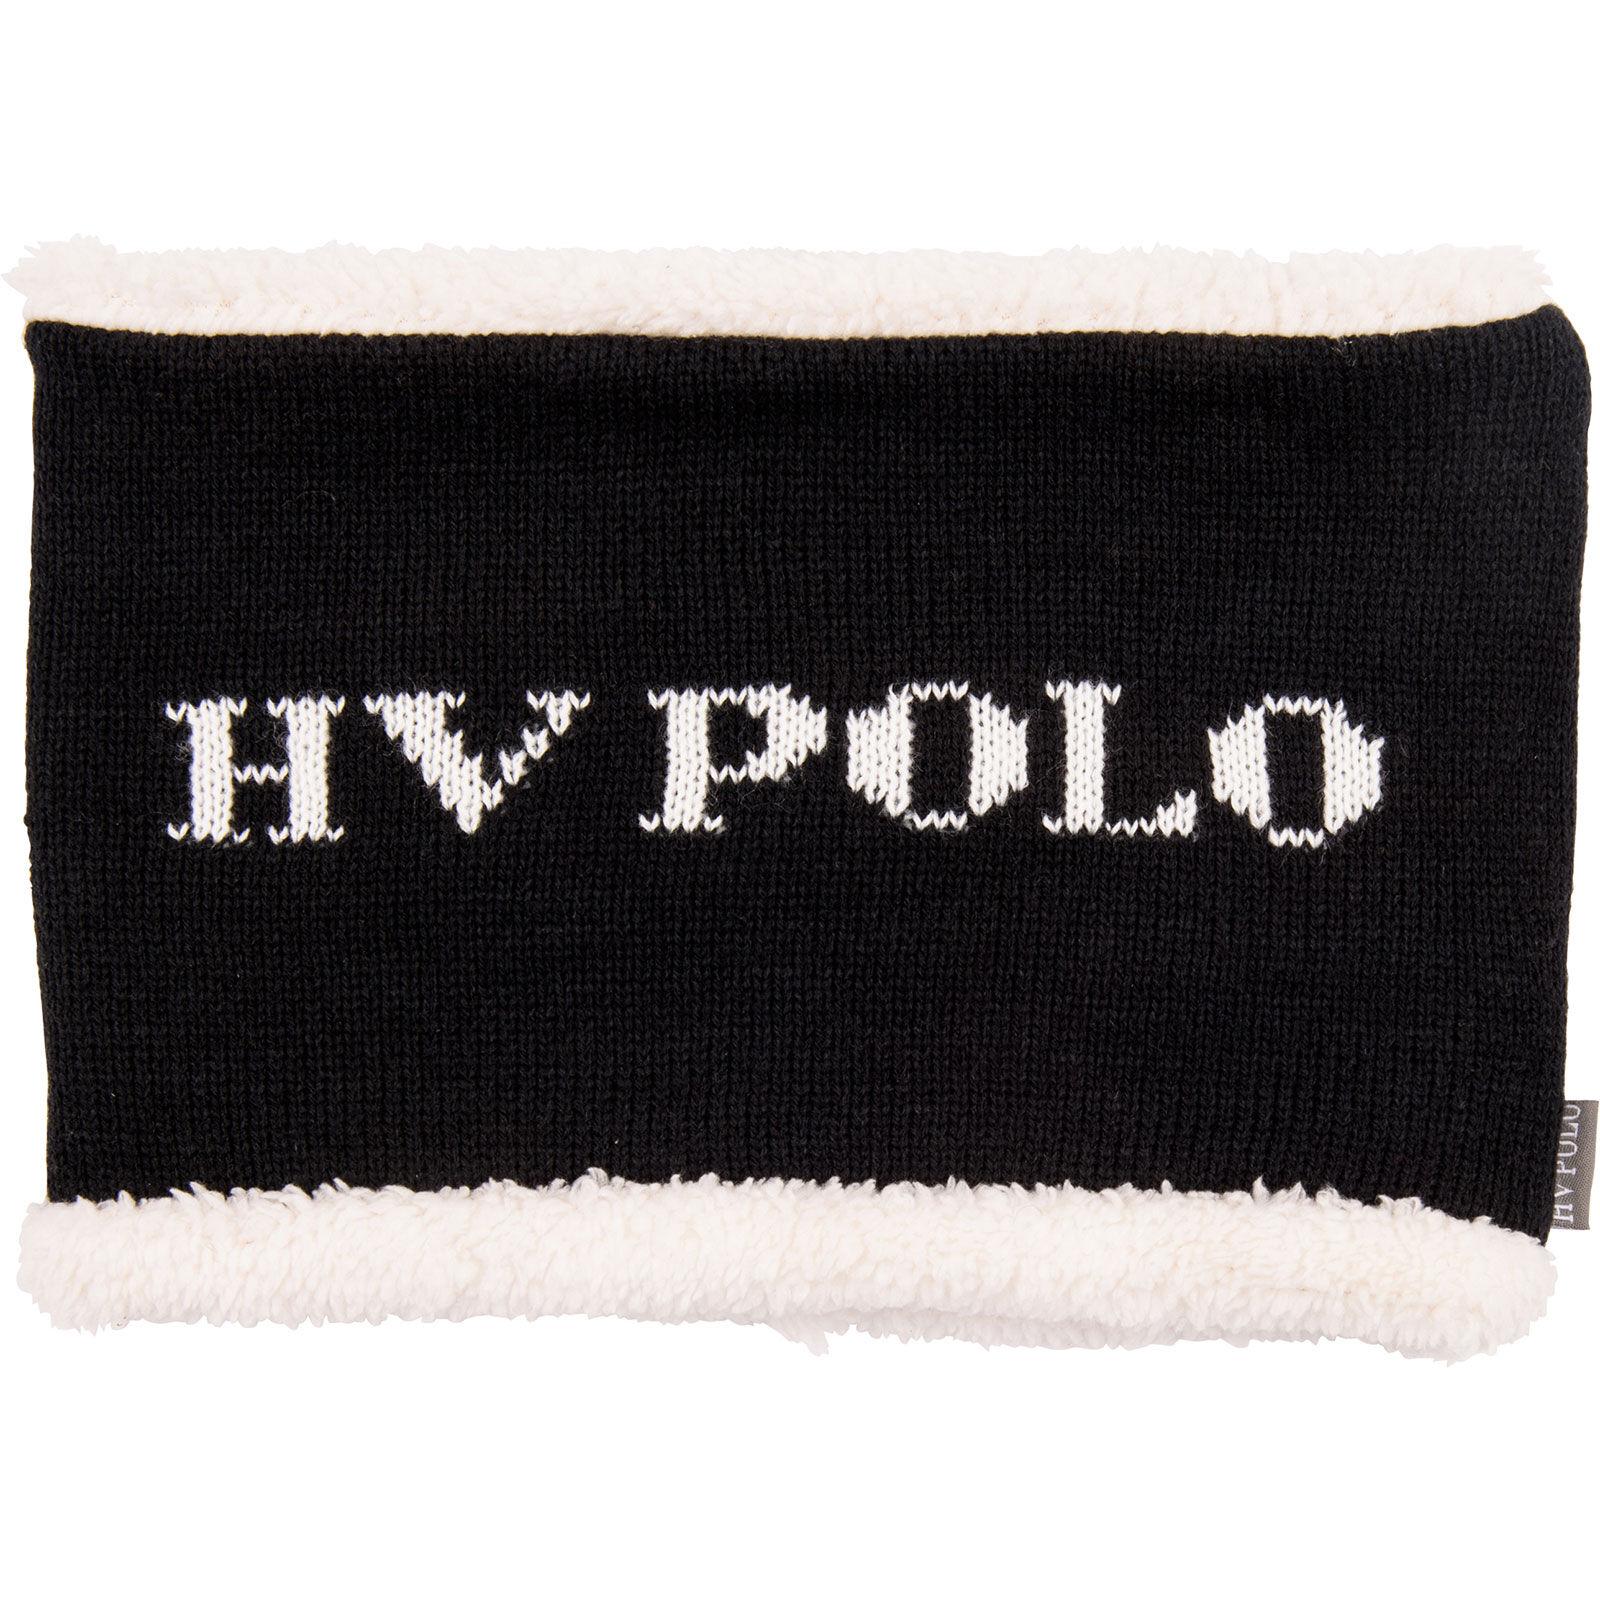 Køb HV Polo Accessories Online Nu | Horze